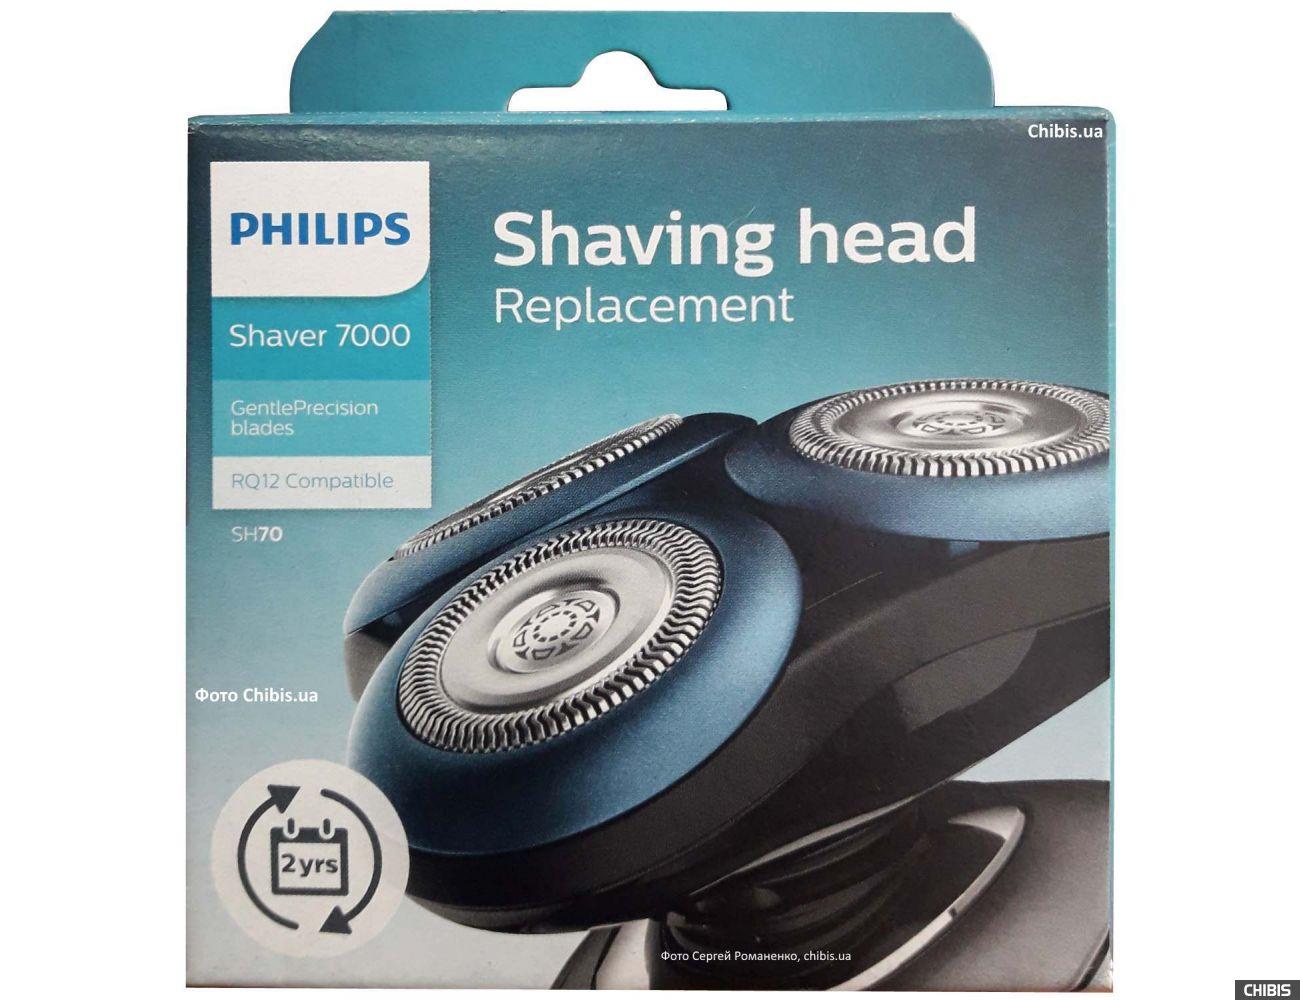 Бритвенный блок Philips SH70/70 в упаковке